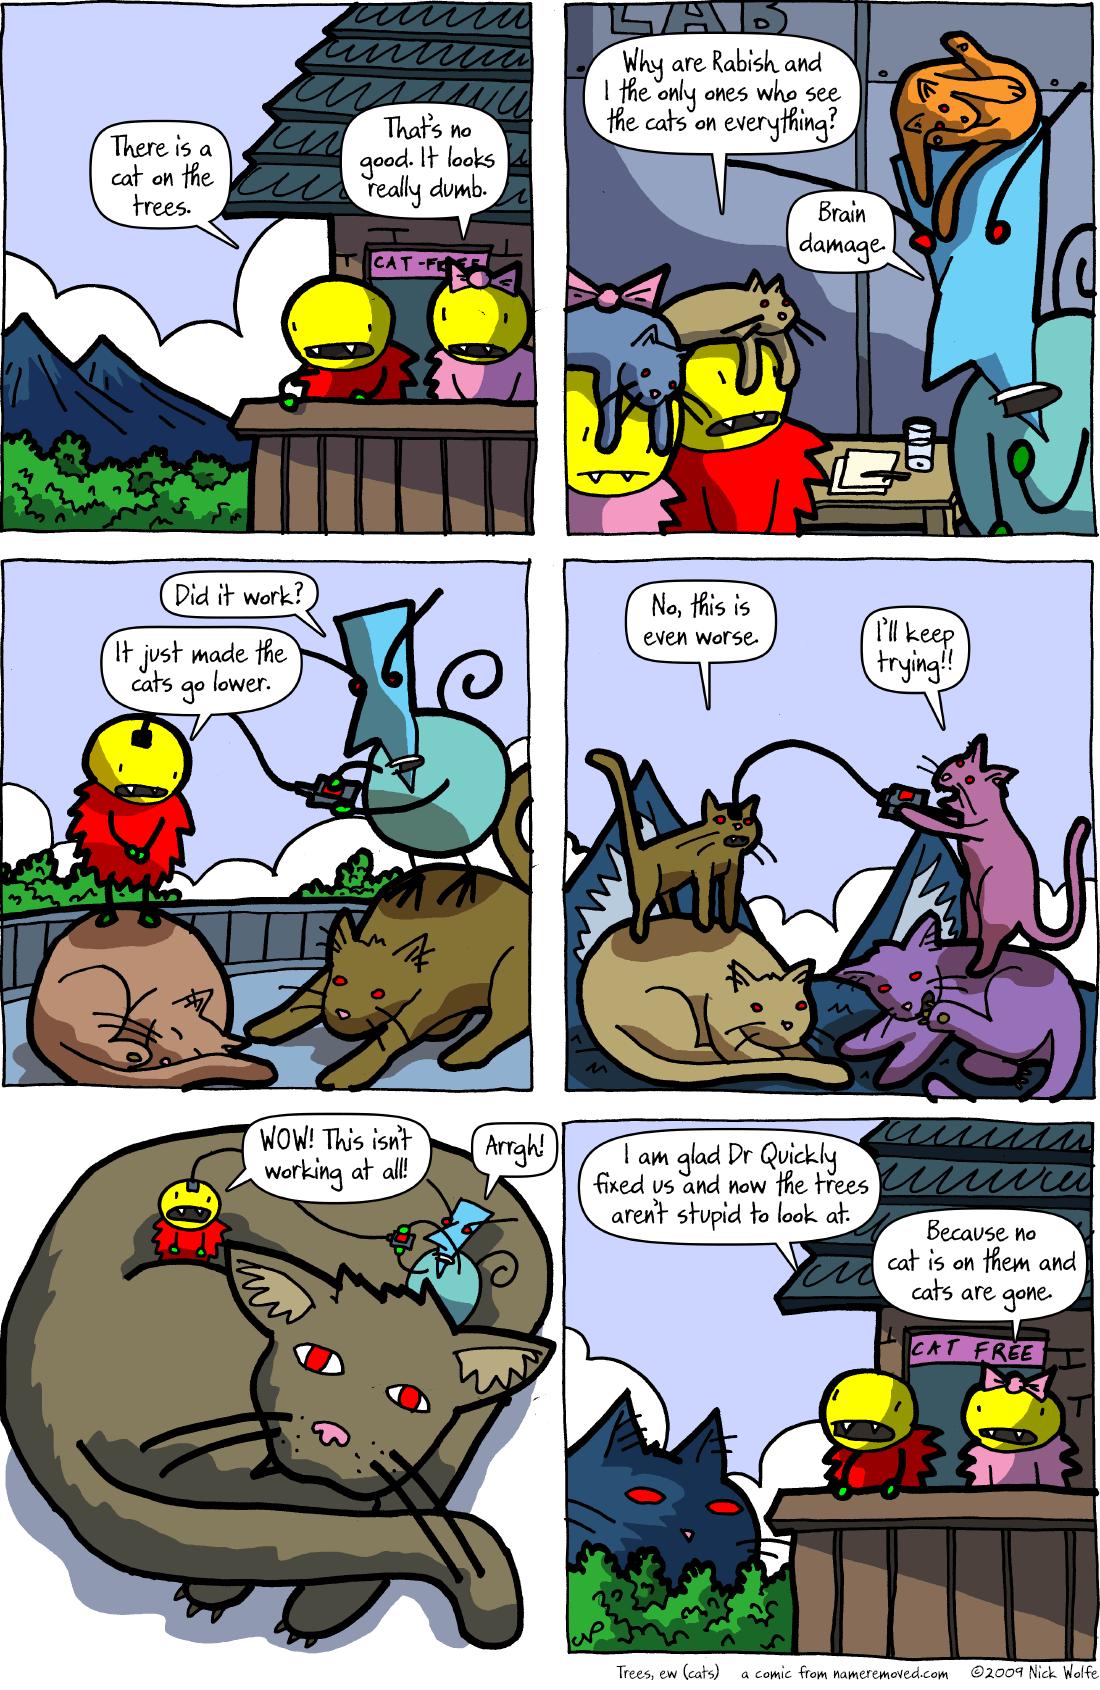 Trees, ew (cats)